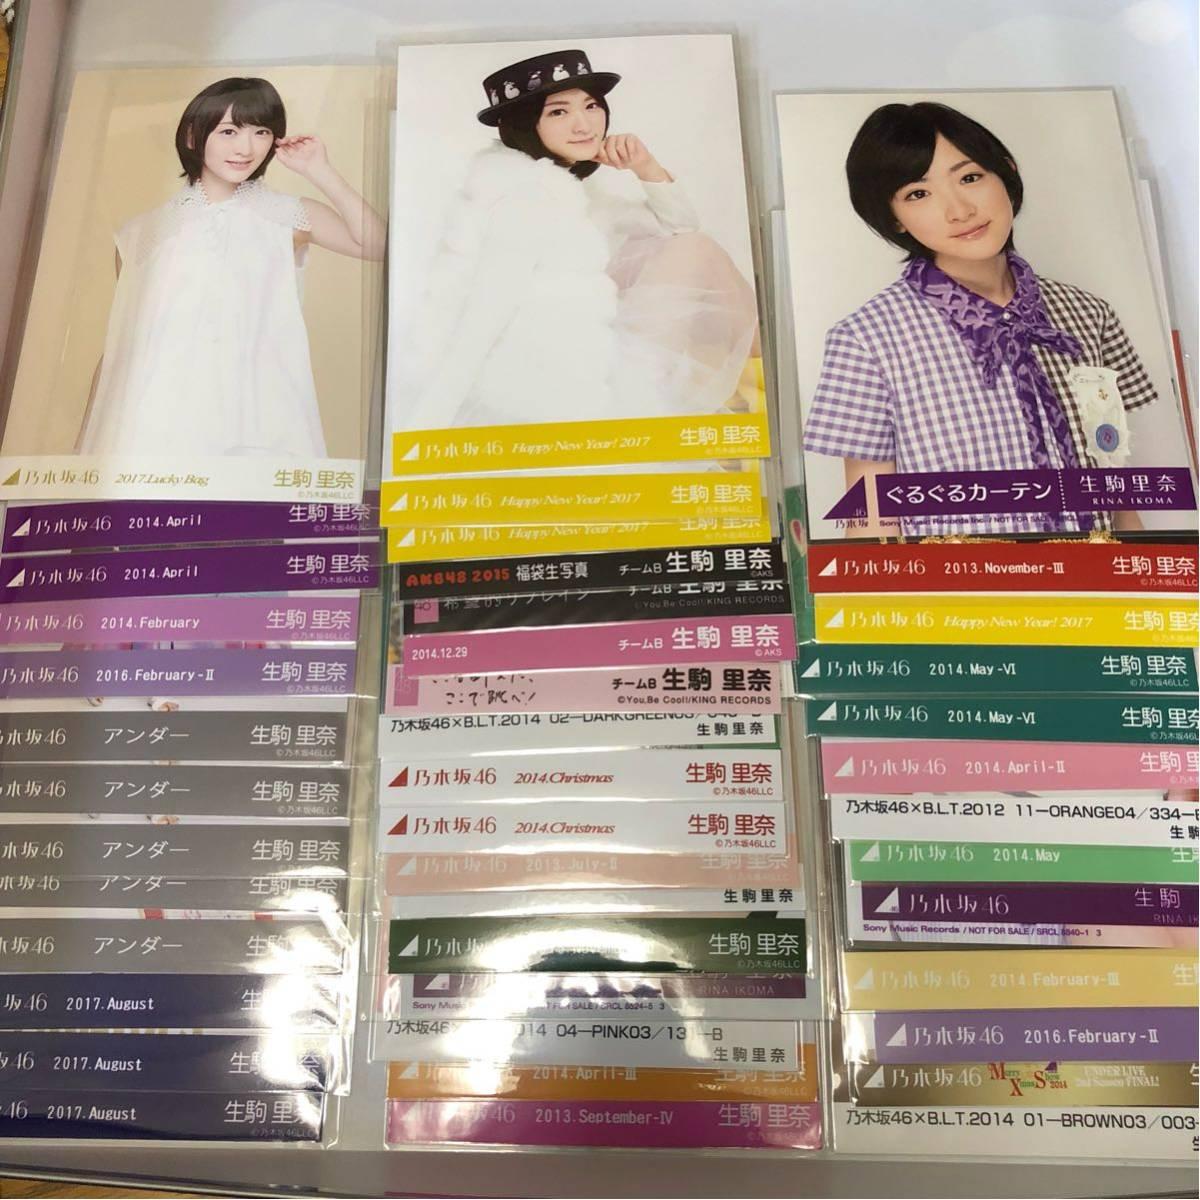 乃木坂46 AKB48生駒里奈 会場限定、web限定、封入、B.L.T.公式生写真46枚まとめ売り セミコンプ多数 lucky bag福袋 ぐるぐるカーテン 干支